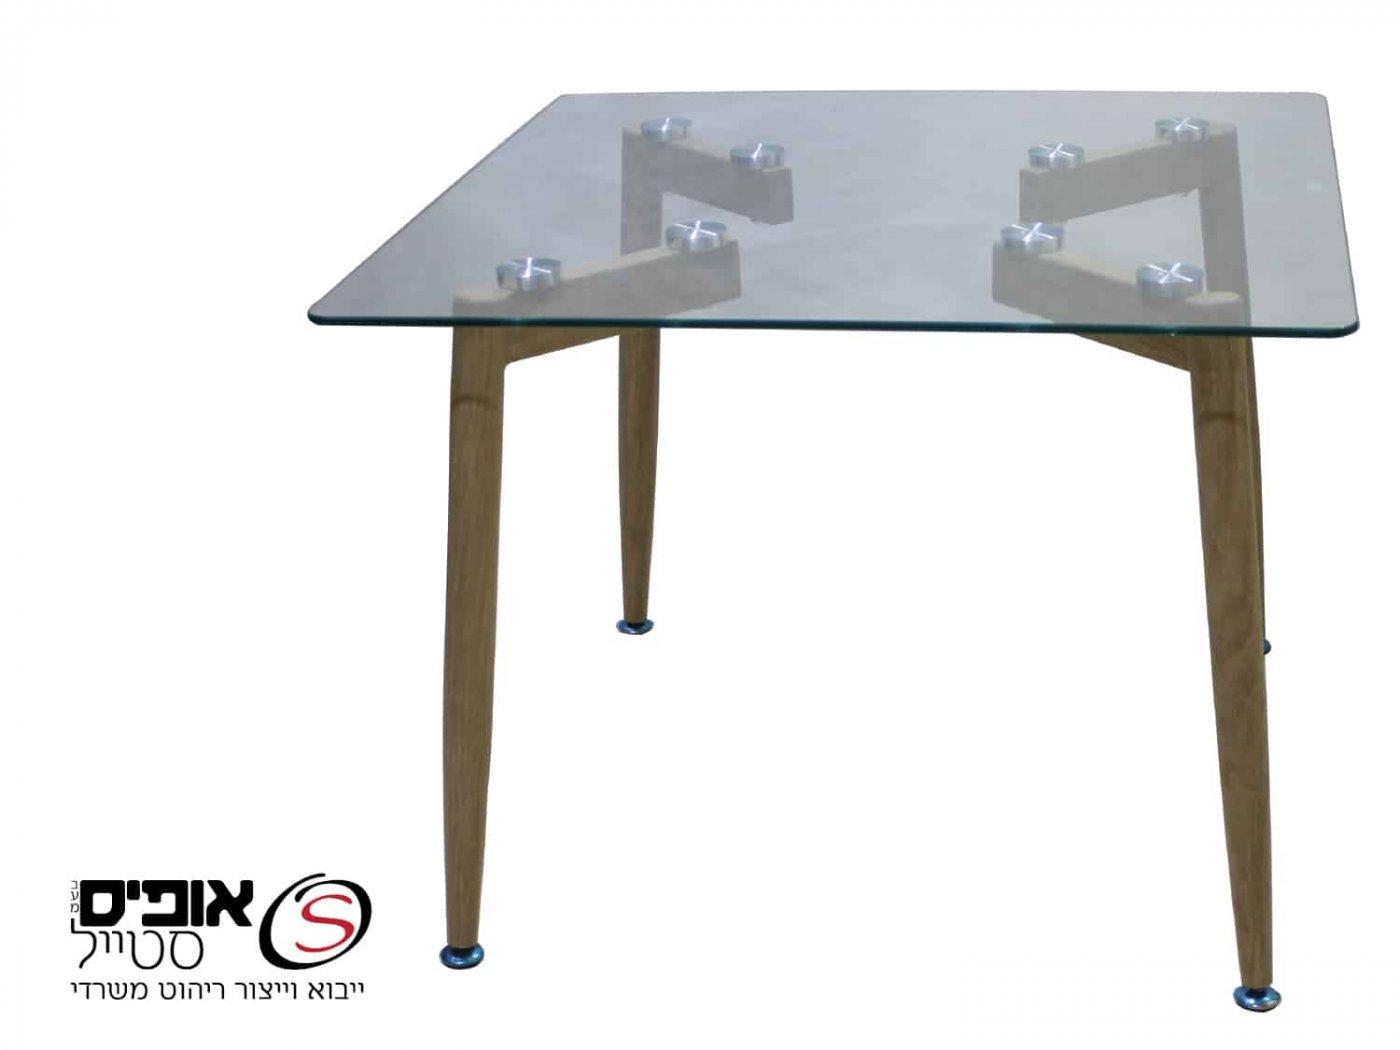 שולחן המתנה דגם סיגל